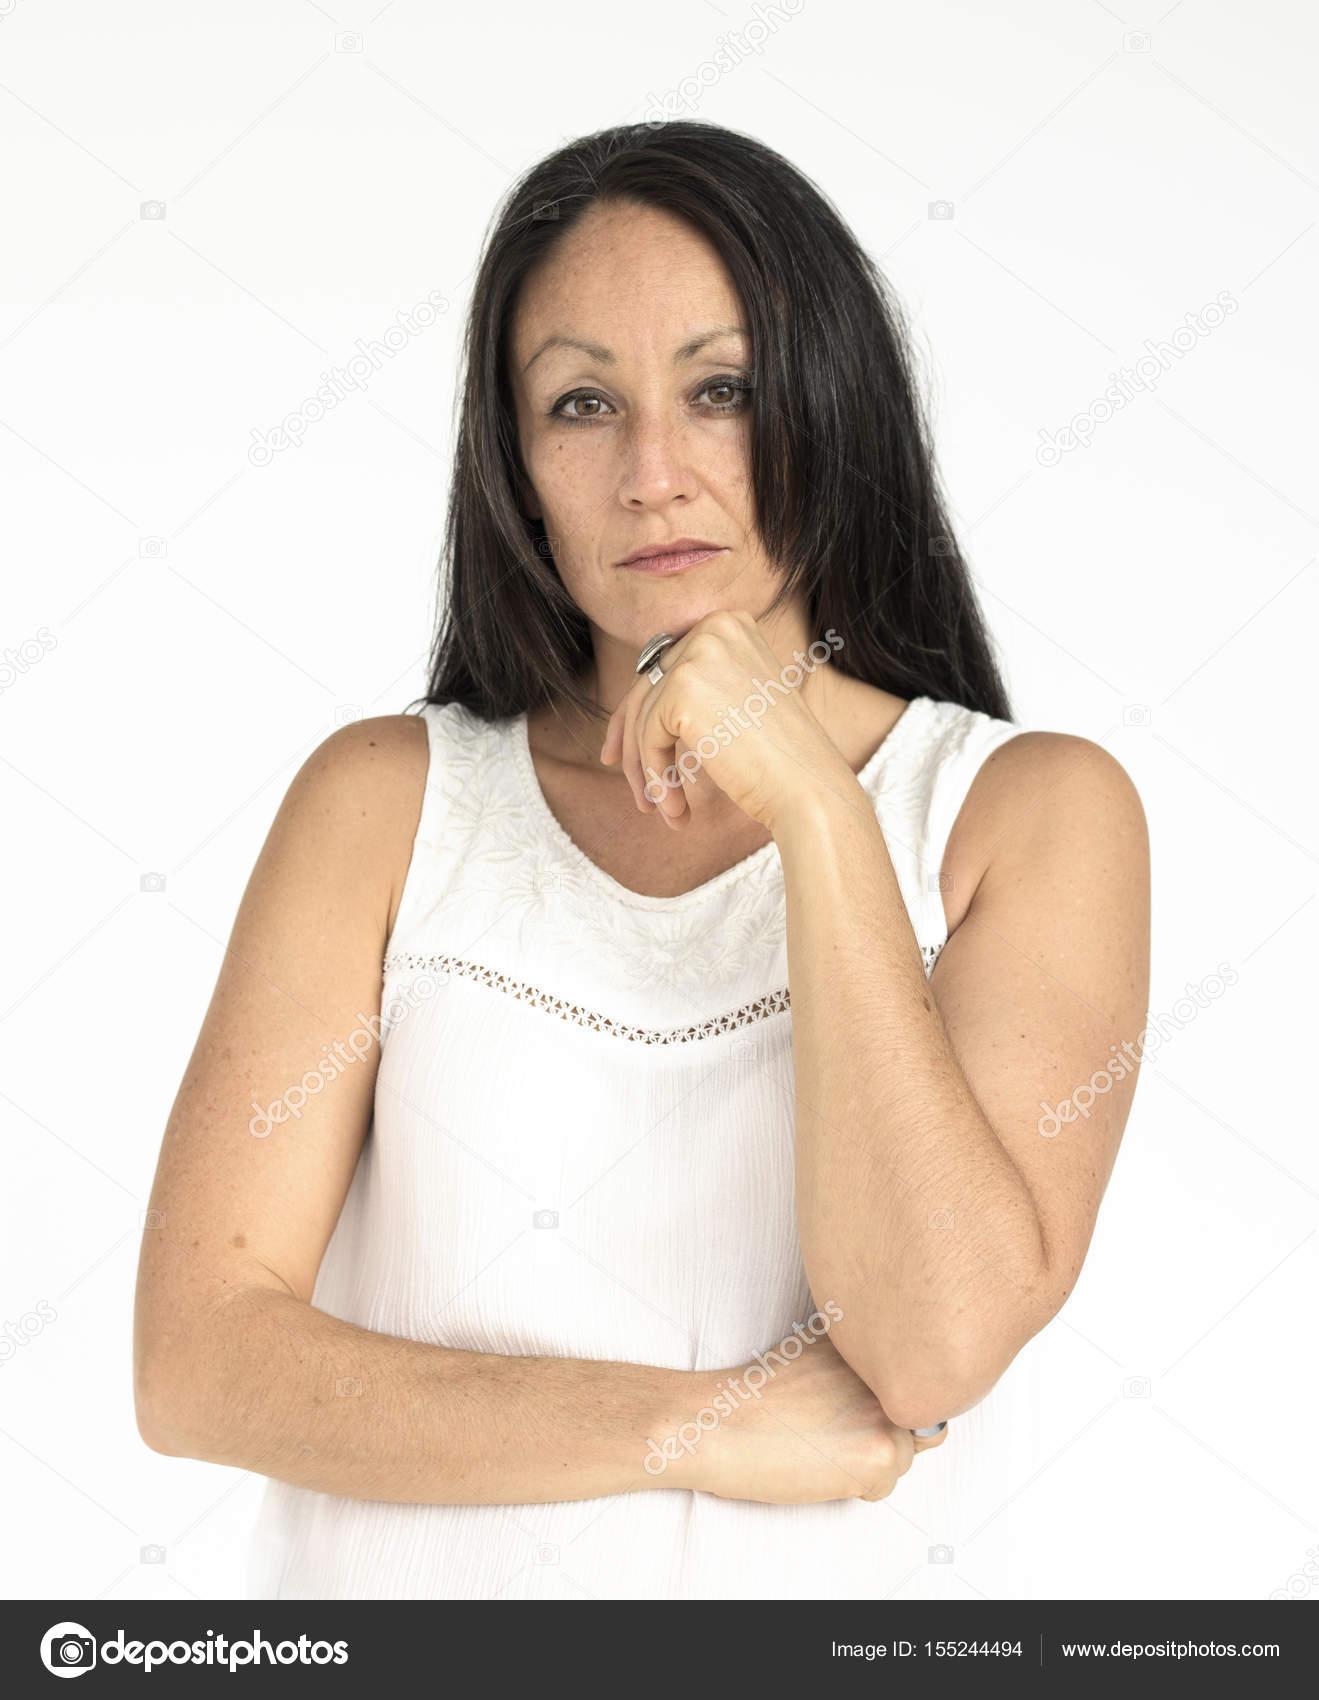 Посмотреть картинки красивых женщин--брюнеток 14